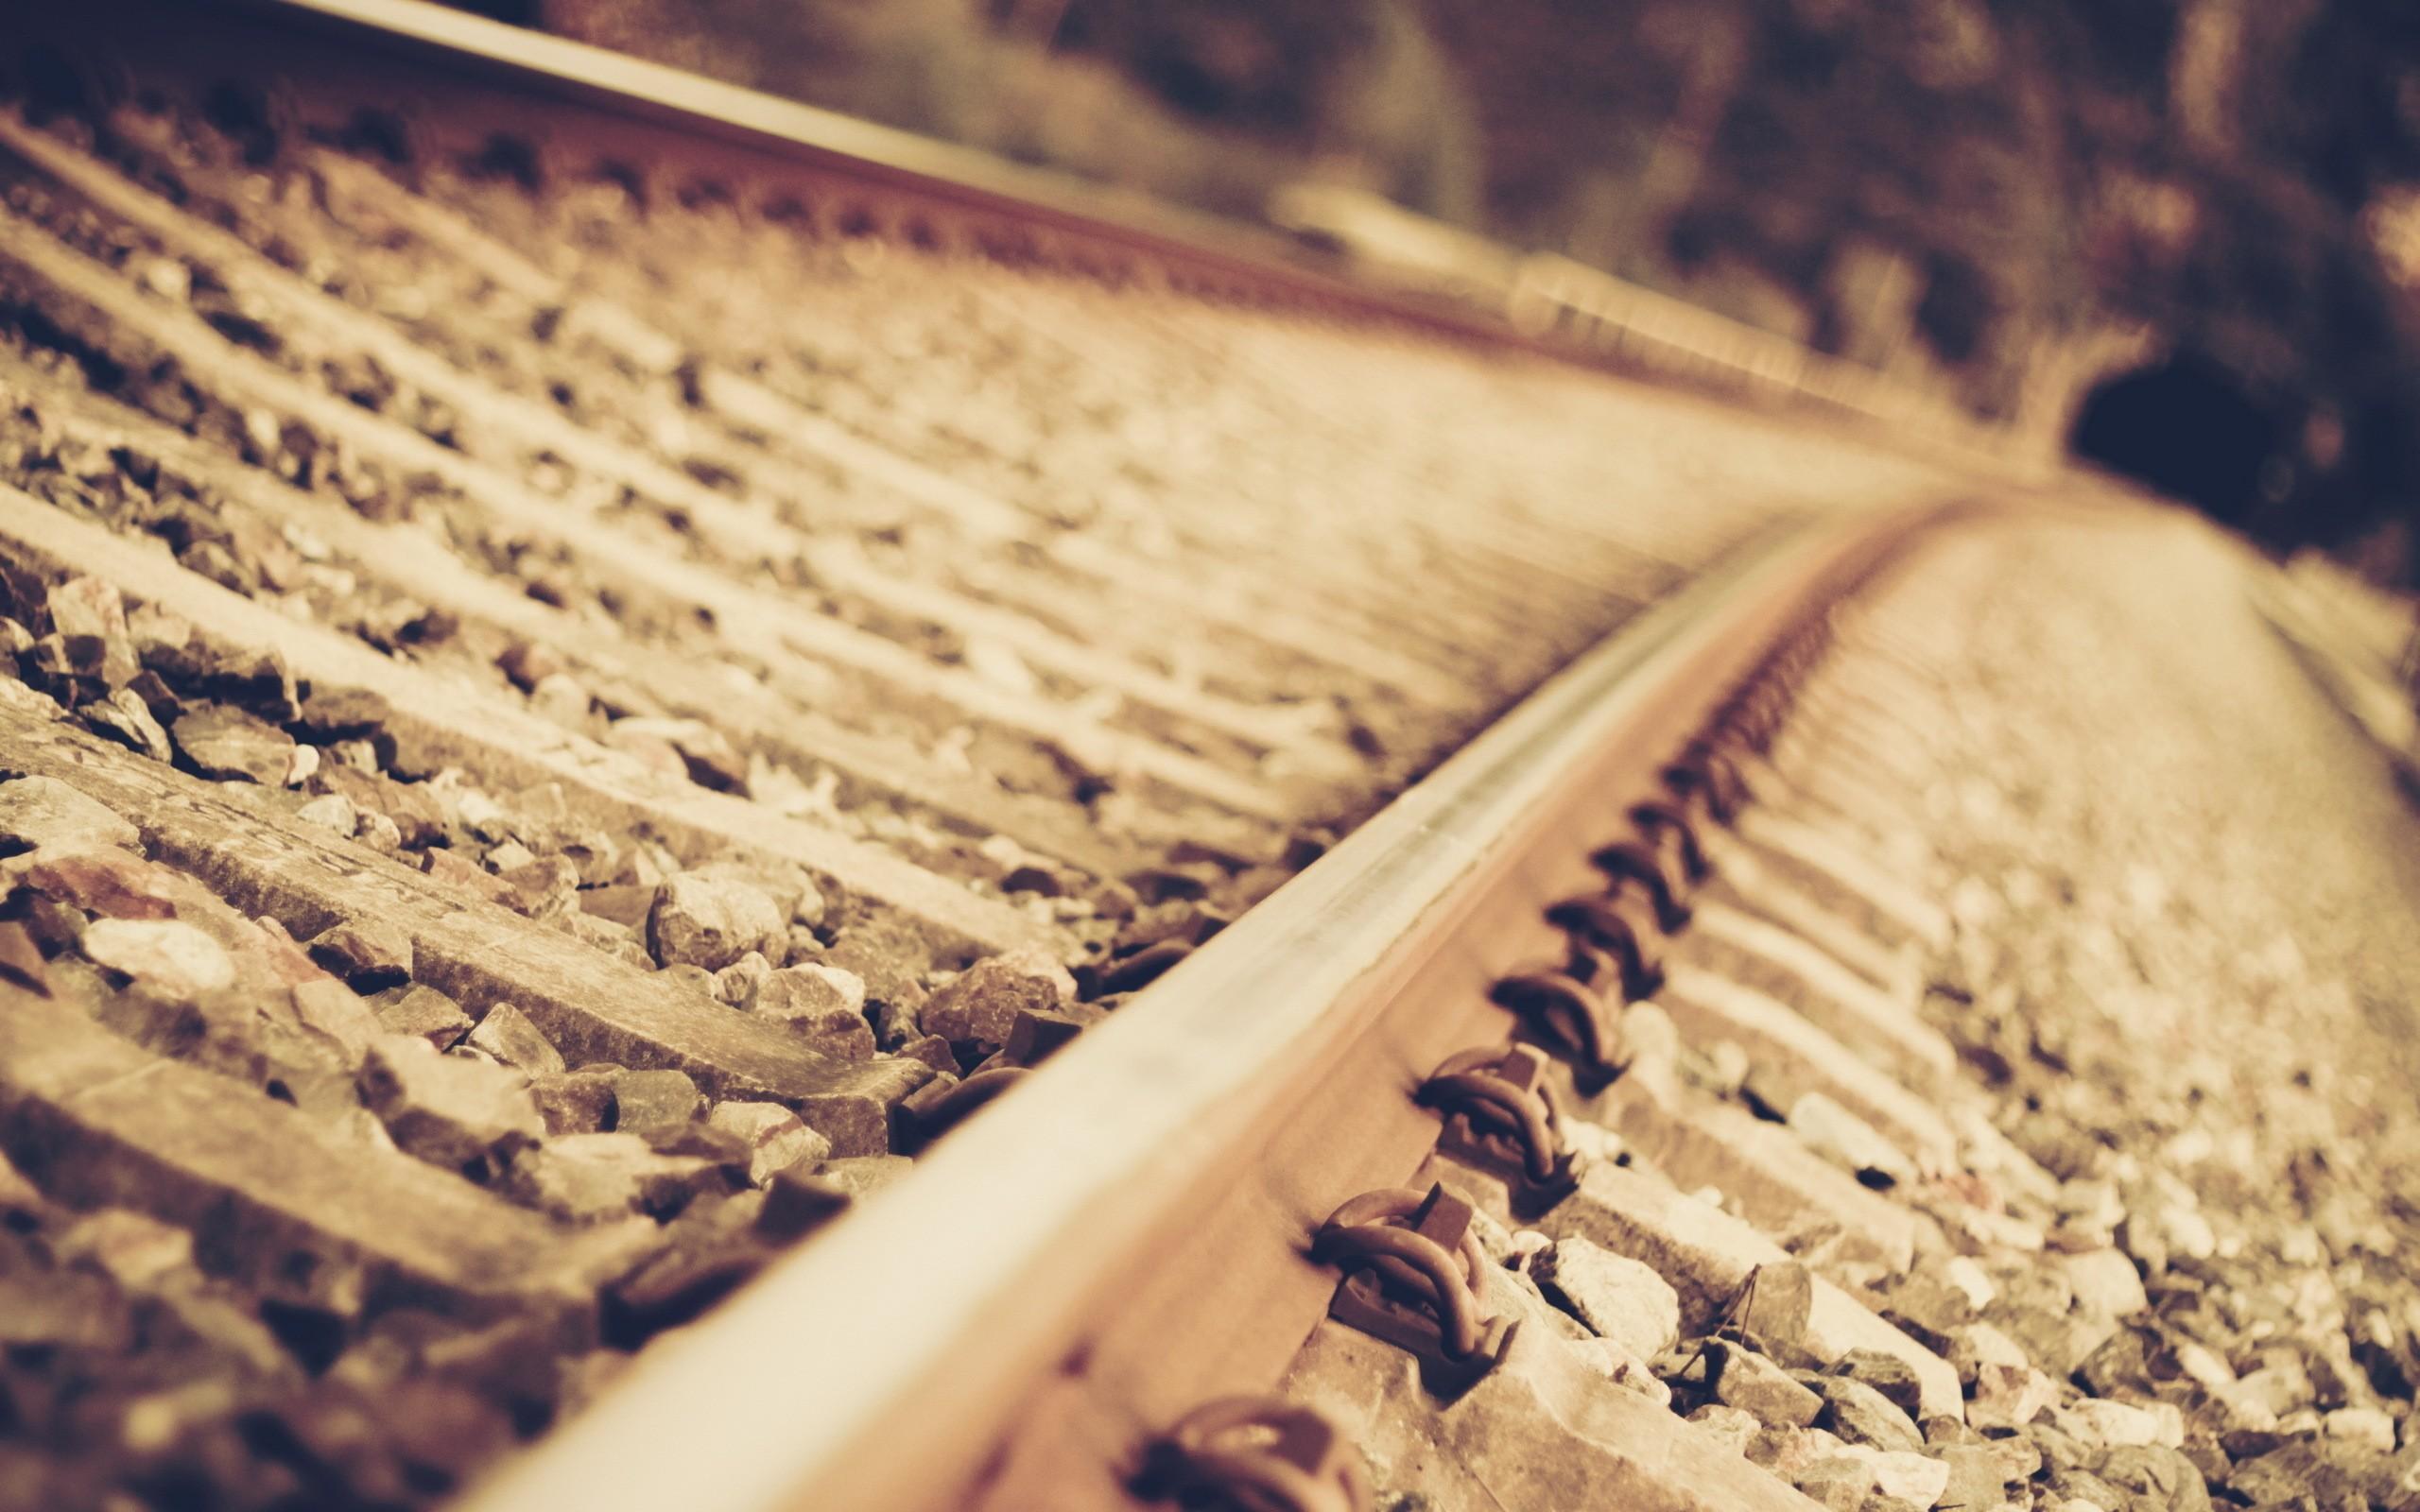 Fondos Vías de ferrocarril (Railroad Tracks) ADNFriki (1)